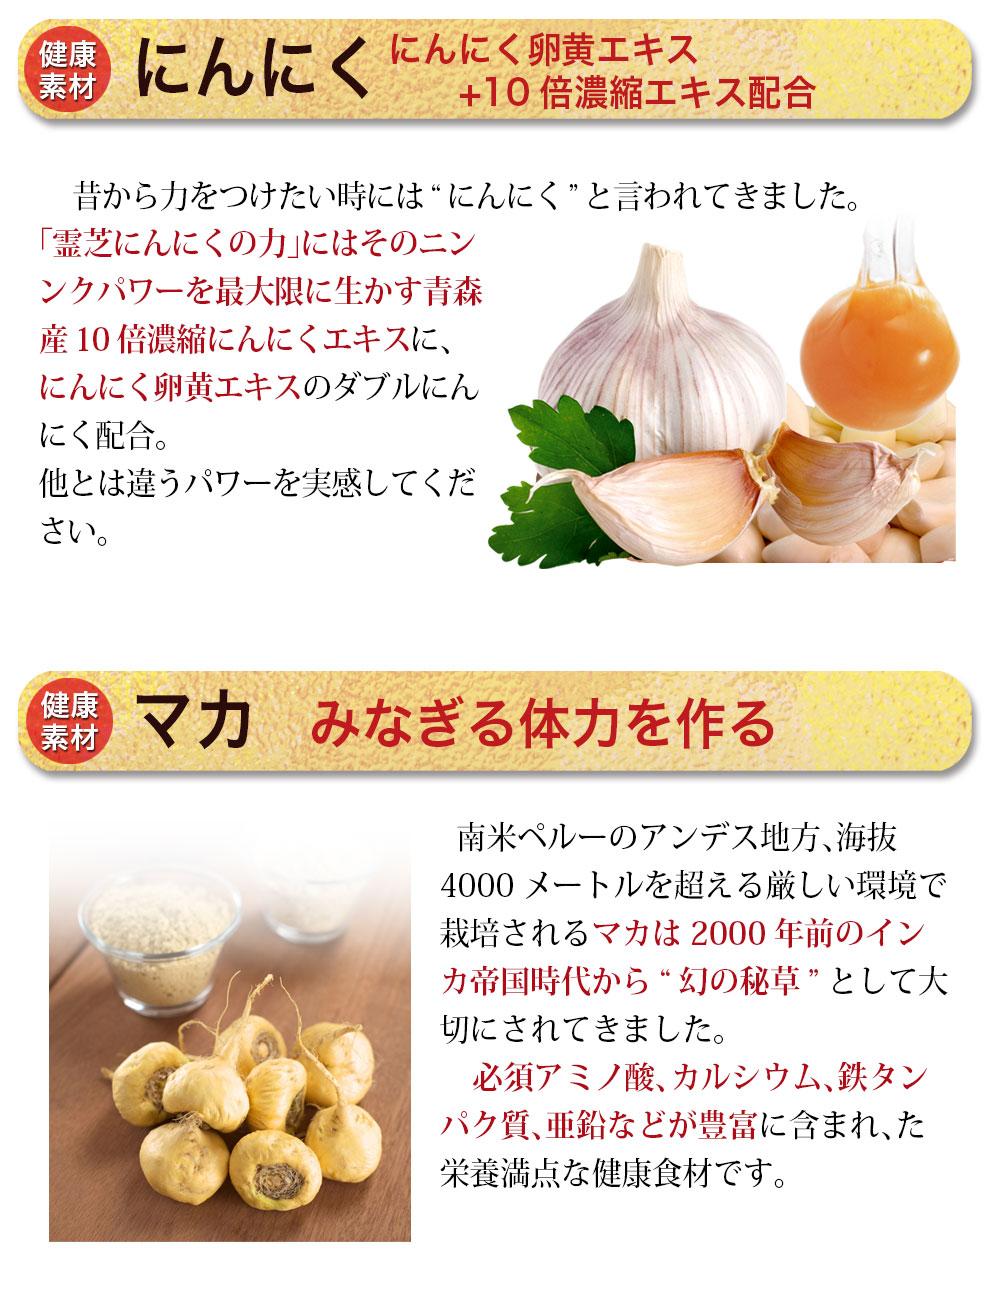 宍道湖酸しじみエキス80mg配合。島根県宍道湖産のしじみを使用。「しじみ」には注目のオルニチンをはじめ体内では作ることの出来ない「必須アミノ酸」が沢山含まれています。にんにく卵黄エキス+10倍濃縮エキス配合。青森産10倍濃縮にんにくエキスににんにく卵黄エキスのダブルにんにく配合。